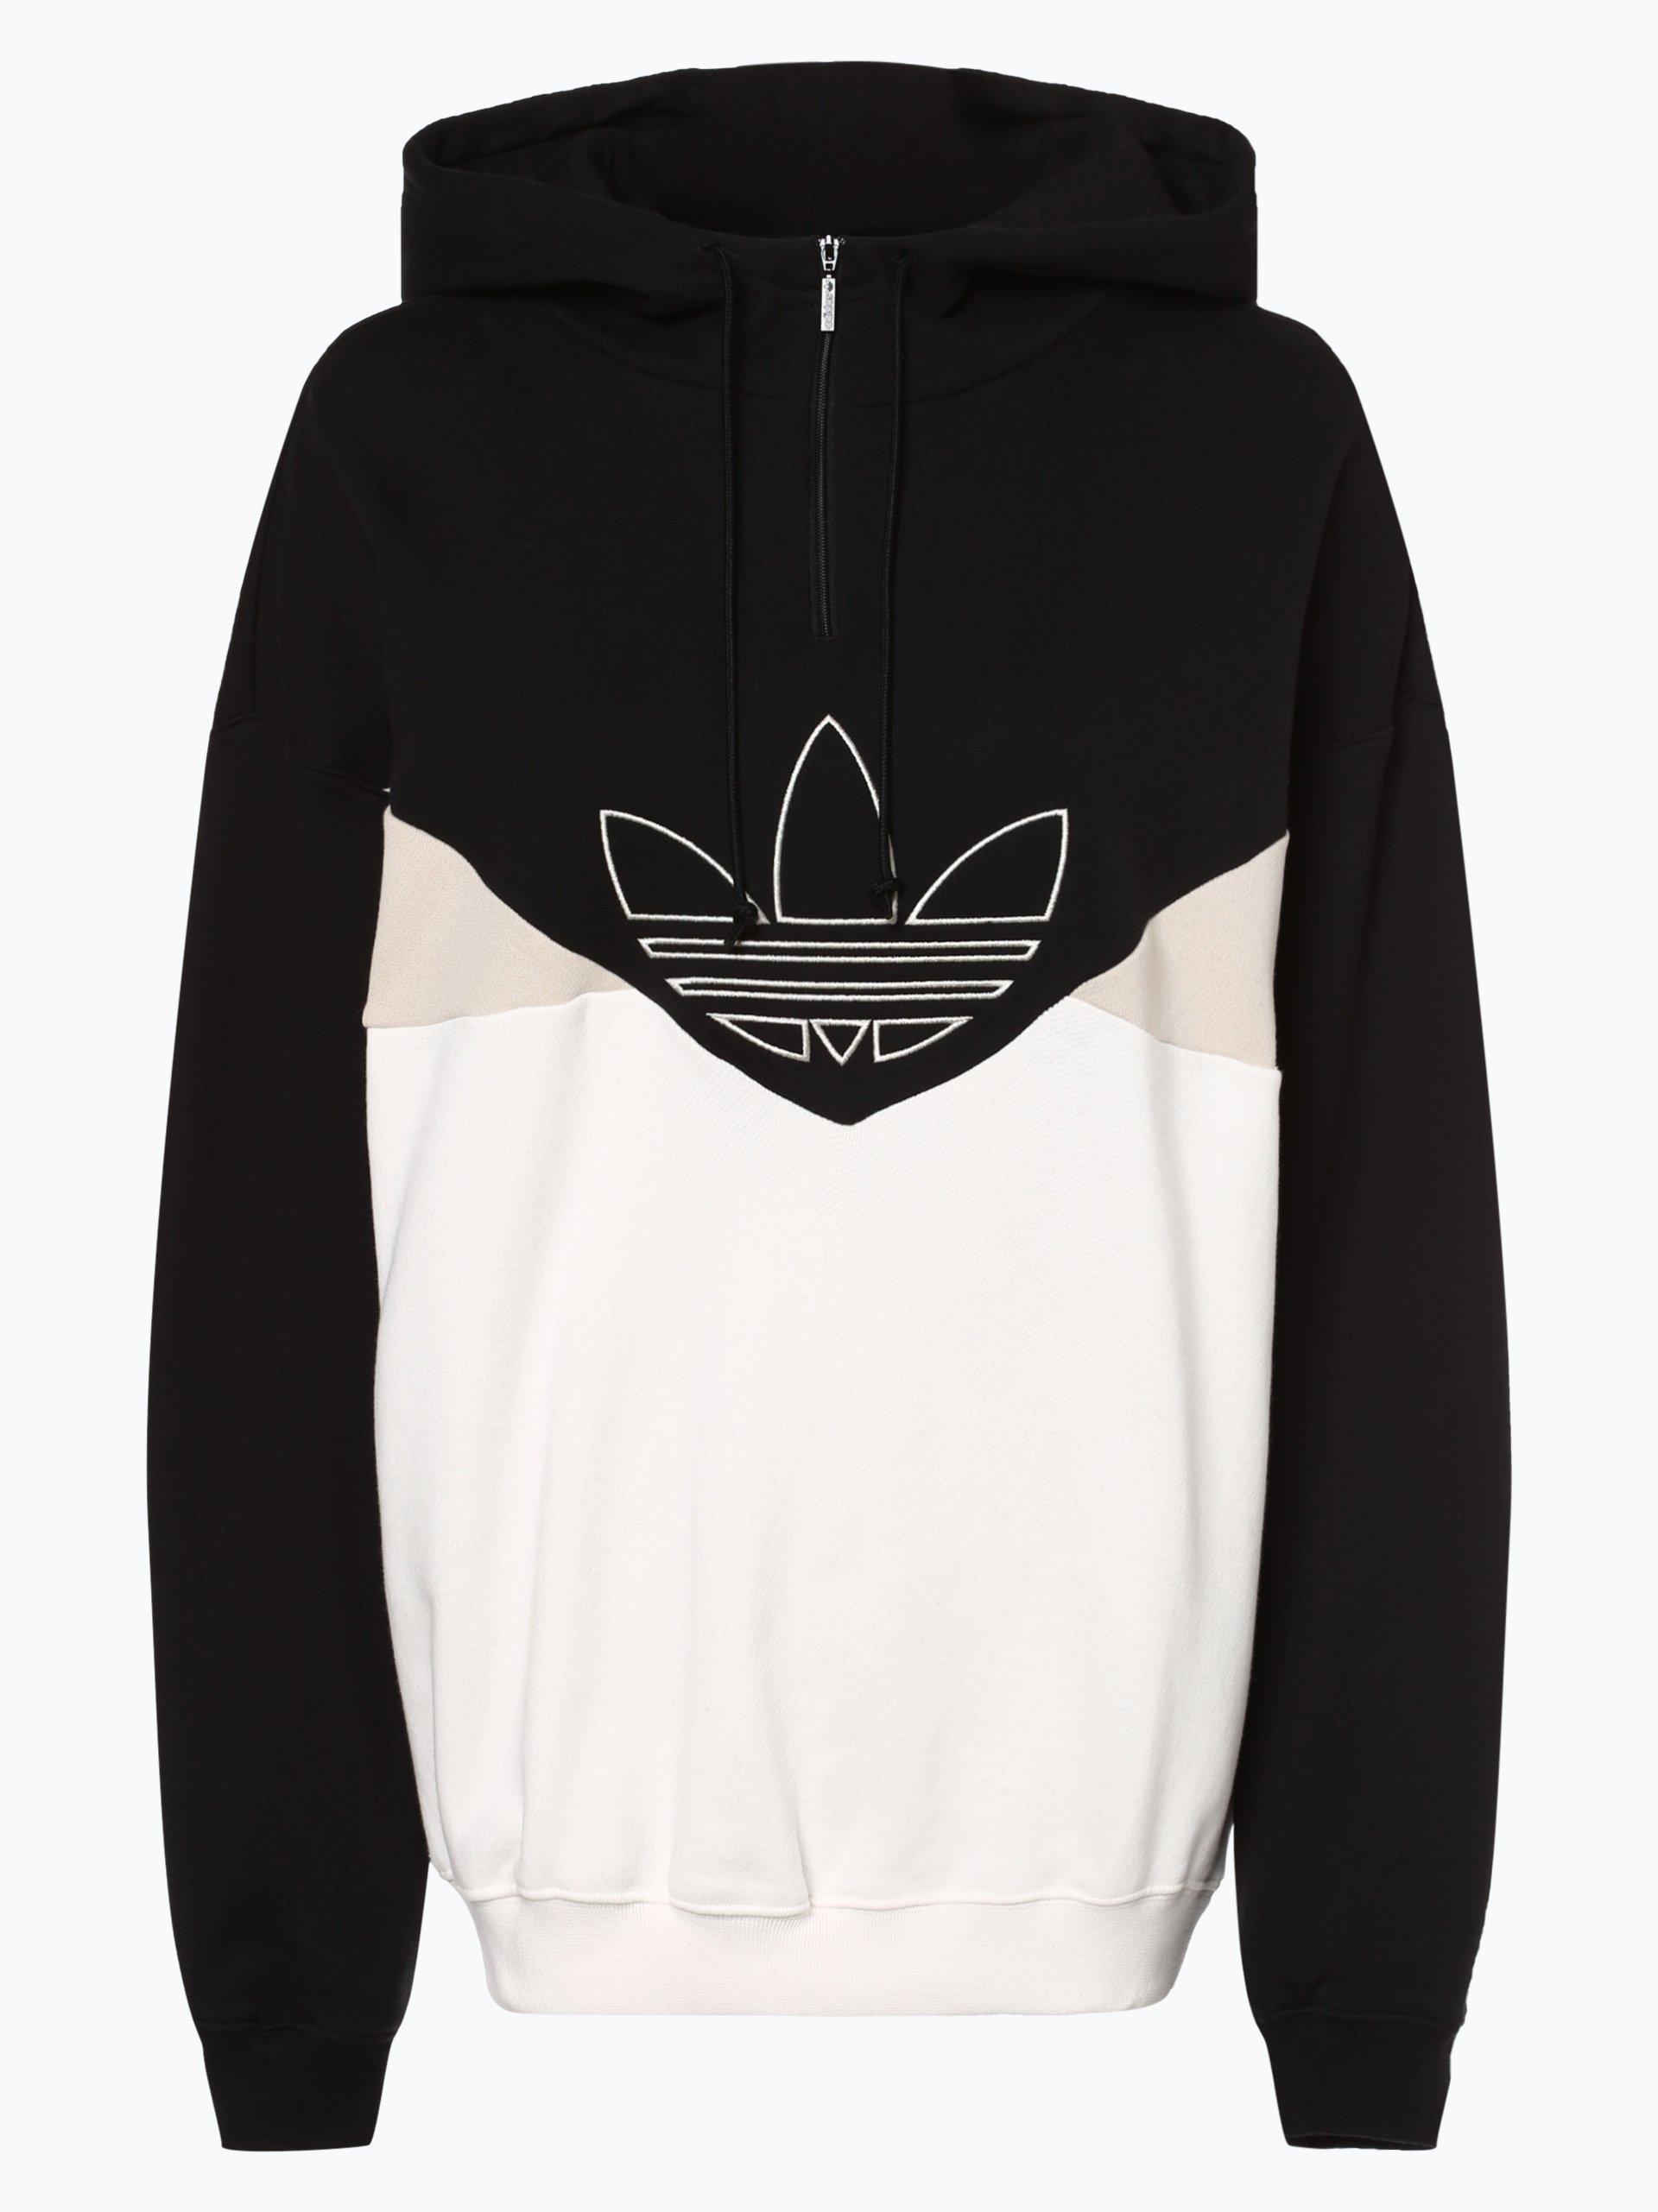 adidas originals damen sweatshirt 2 online kaufen peek und cloppenburg de. Black Bedroom Furniture Sets. Home Design Ideas